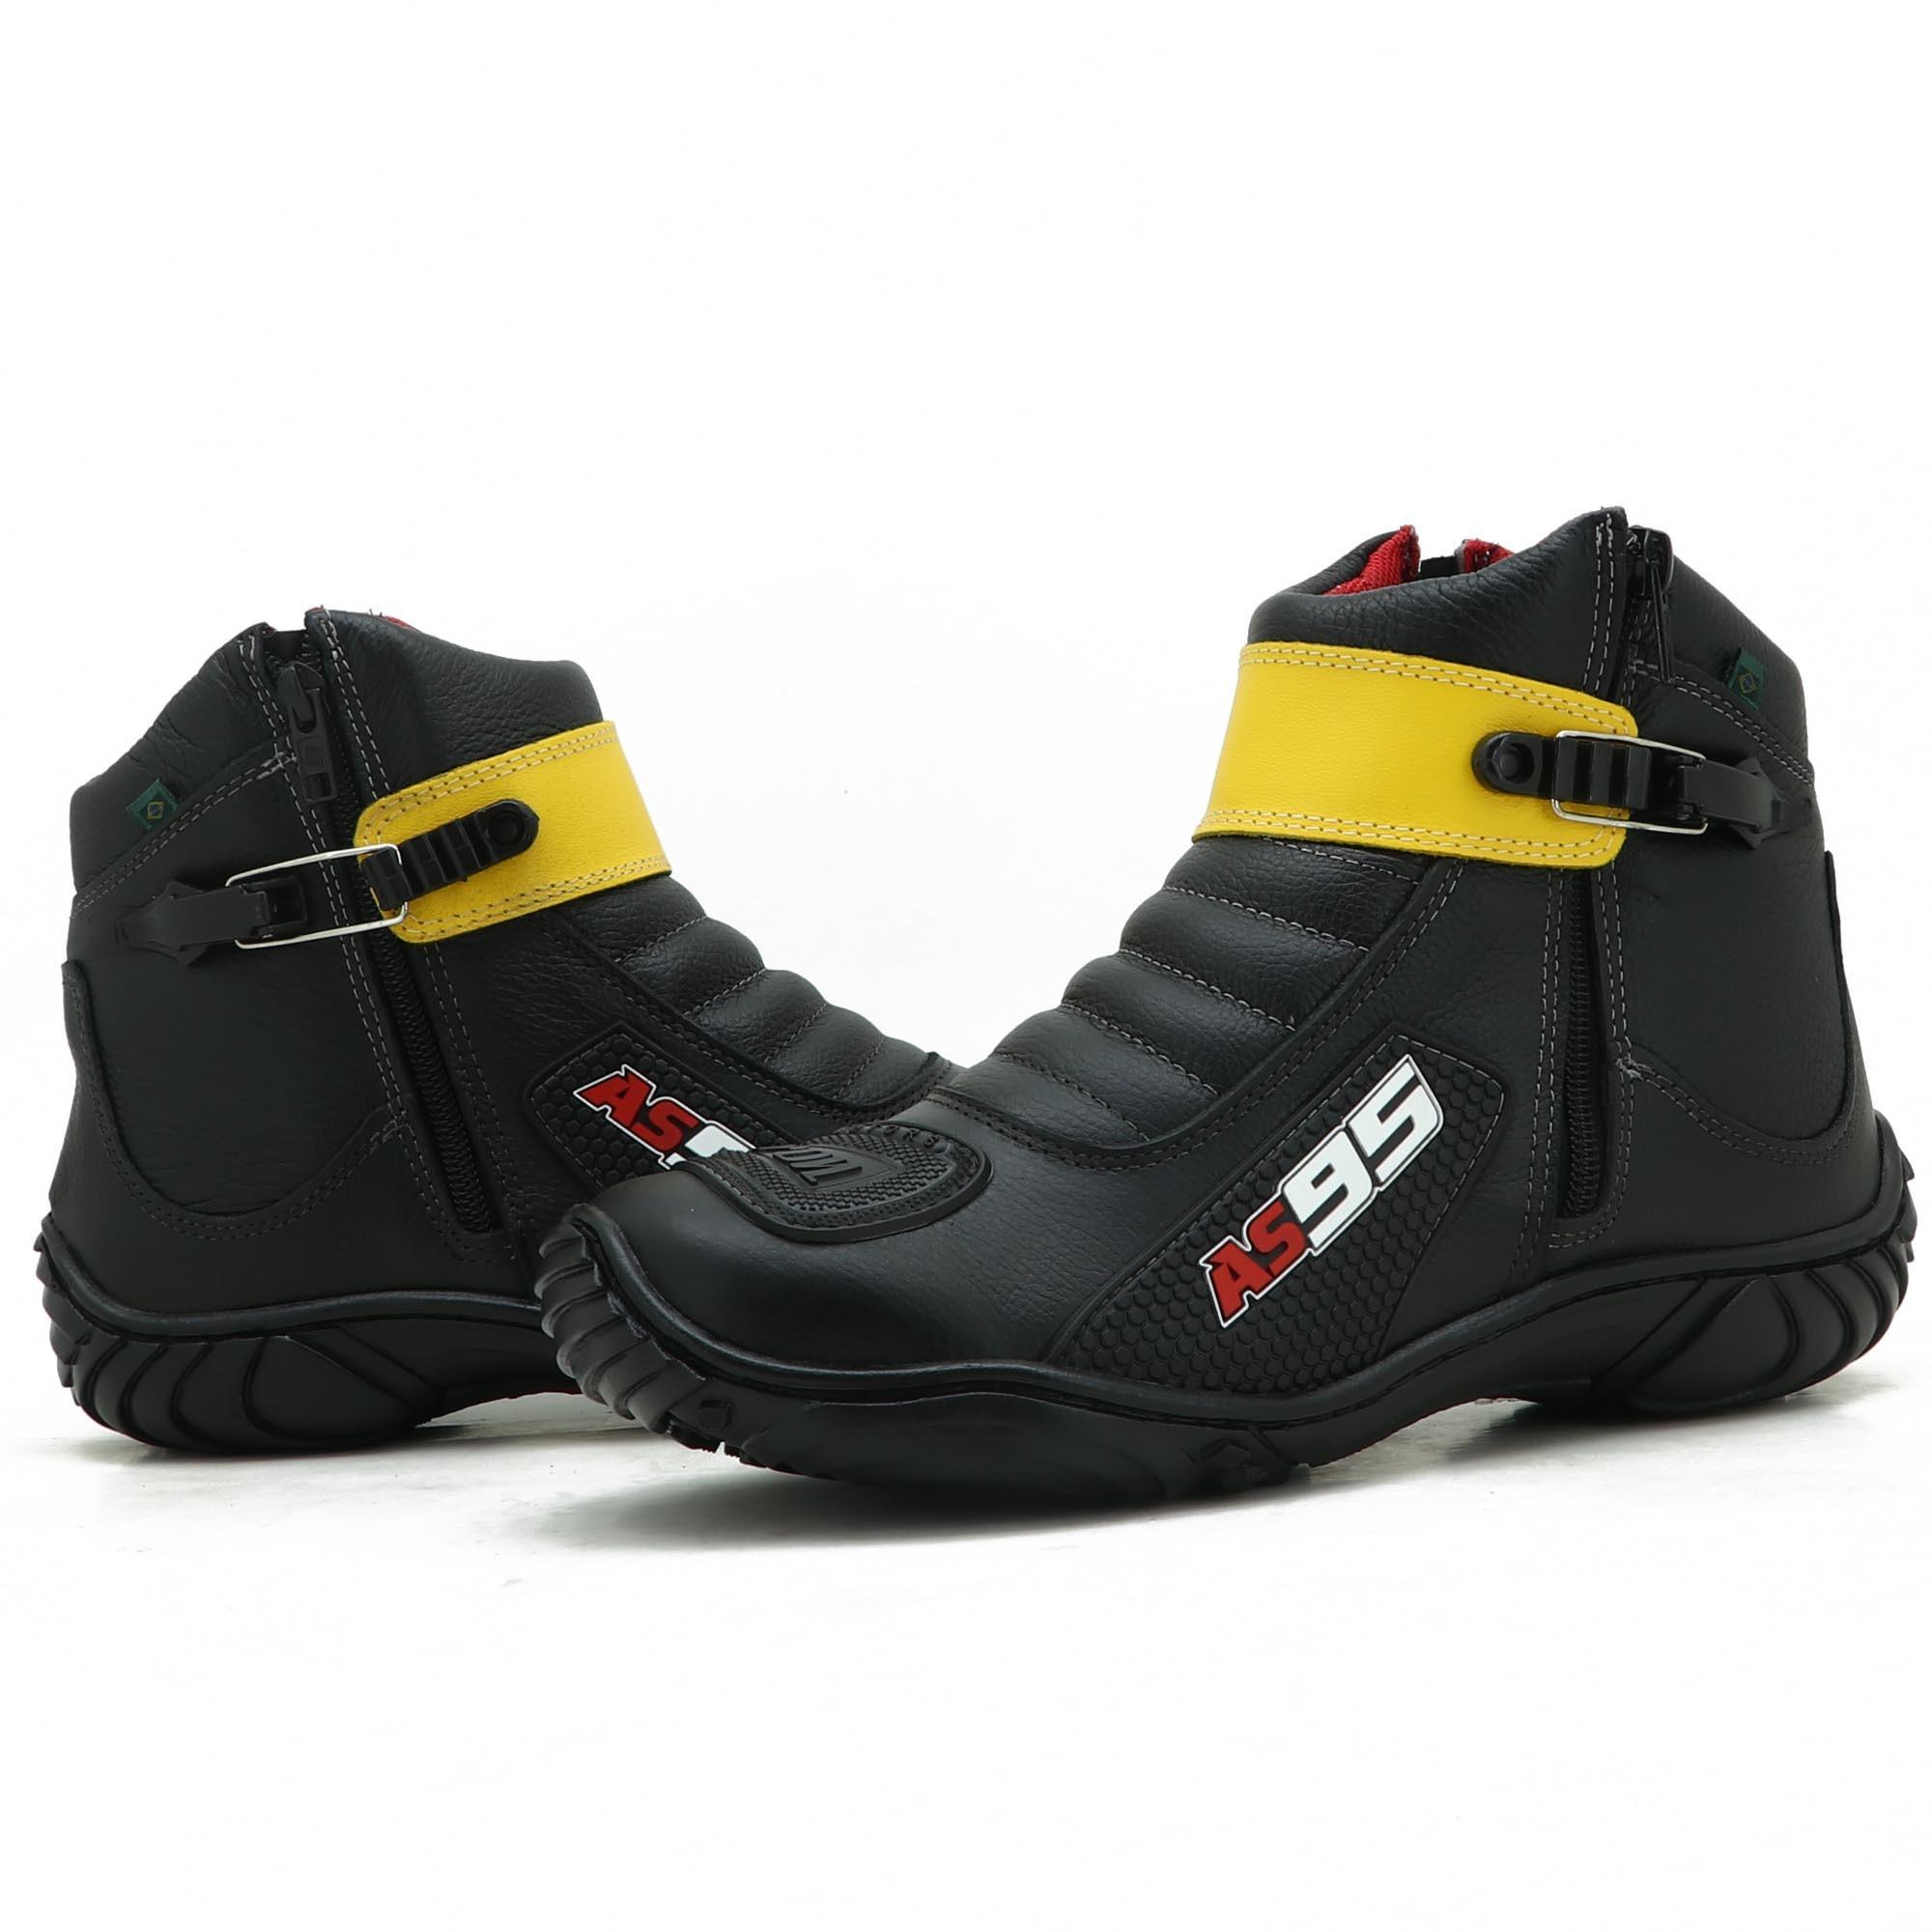 Bota motociclista Couro Legítimo na cor Preto com Amarelo Atron Shoes AS95